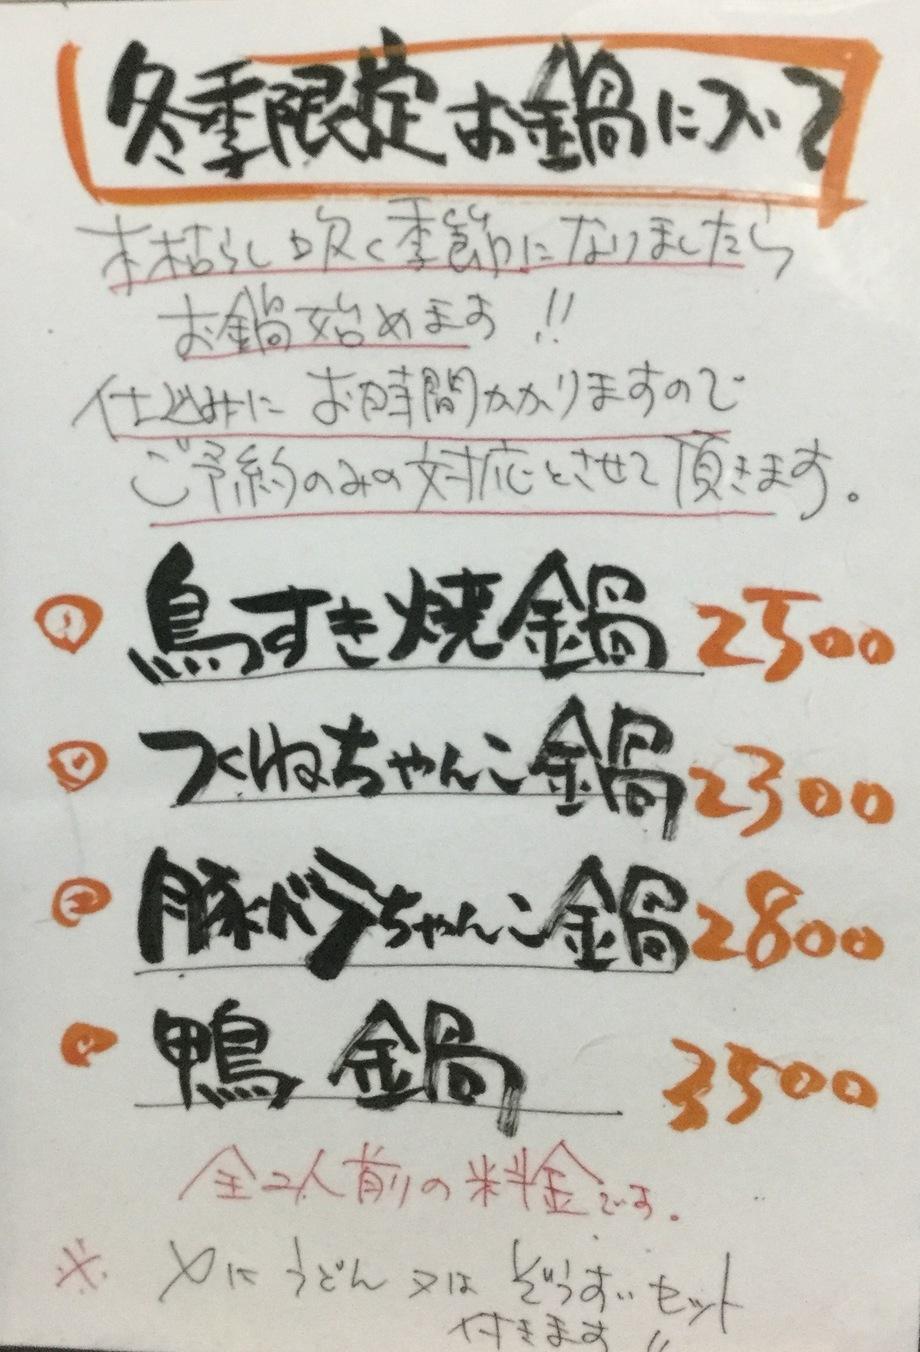 鍋モノ(¥ 2500 〜)